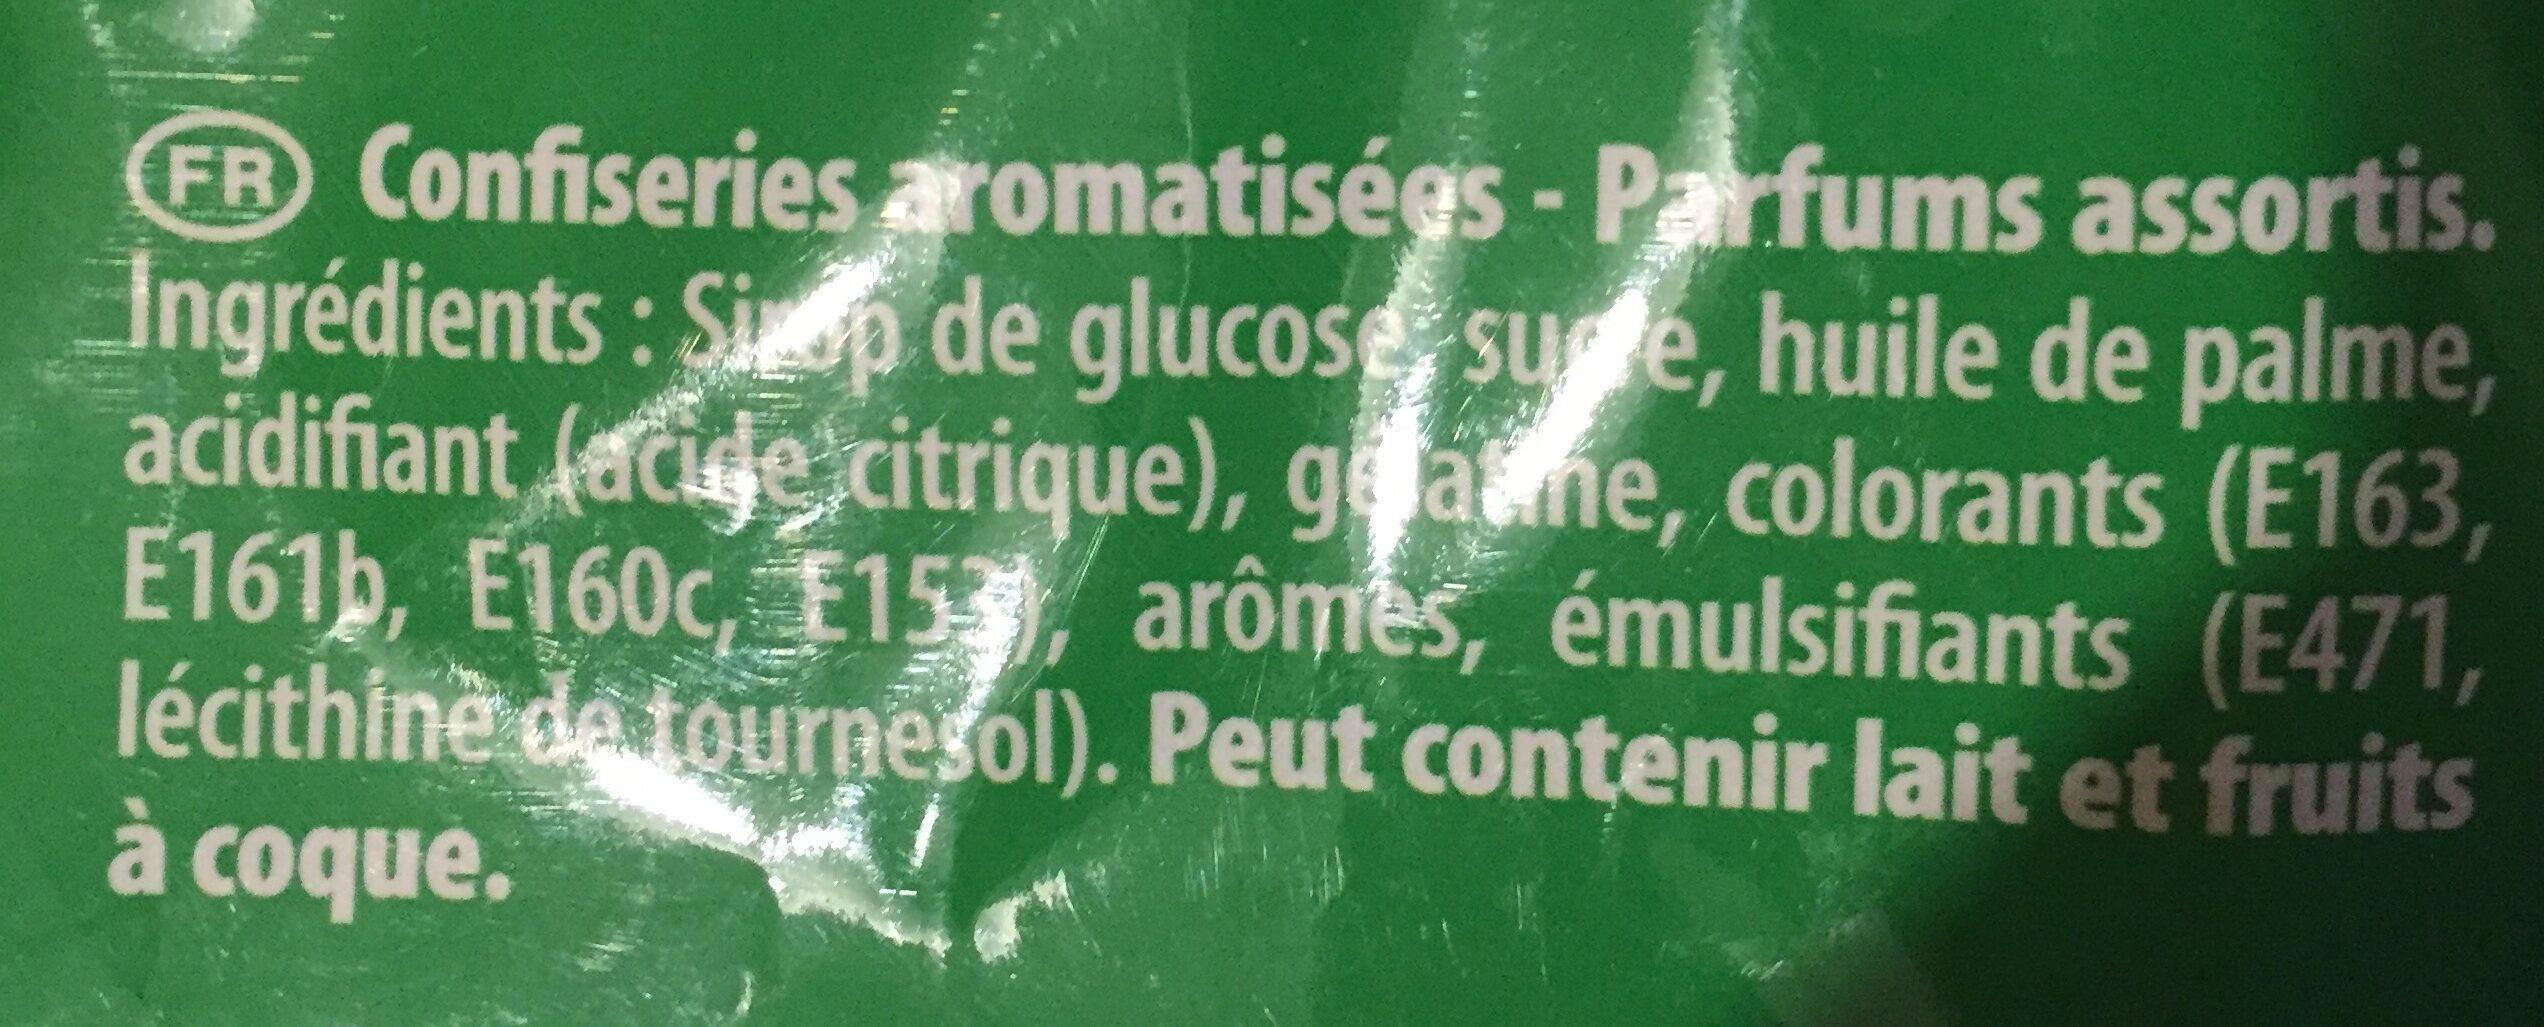 Carambar goûts fruits - Ingrédients